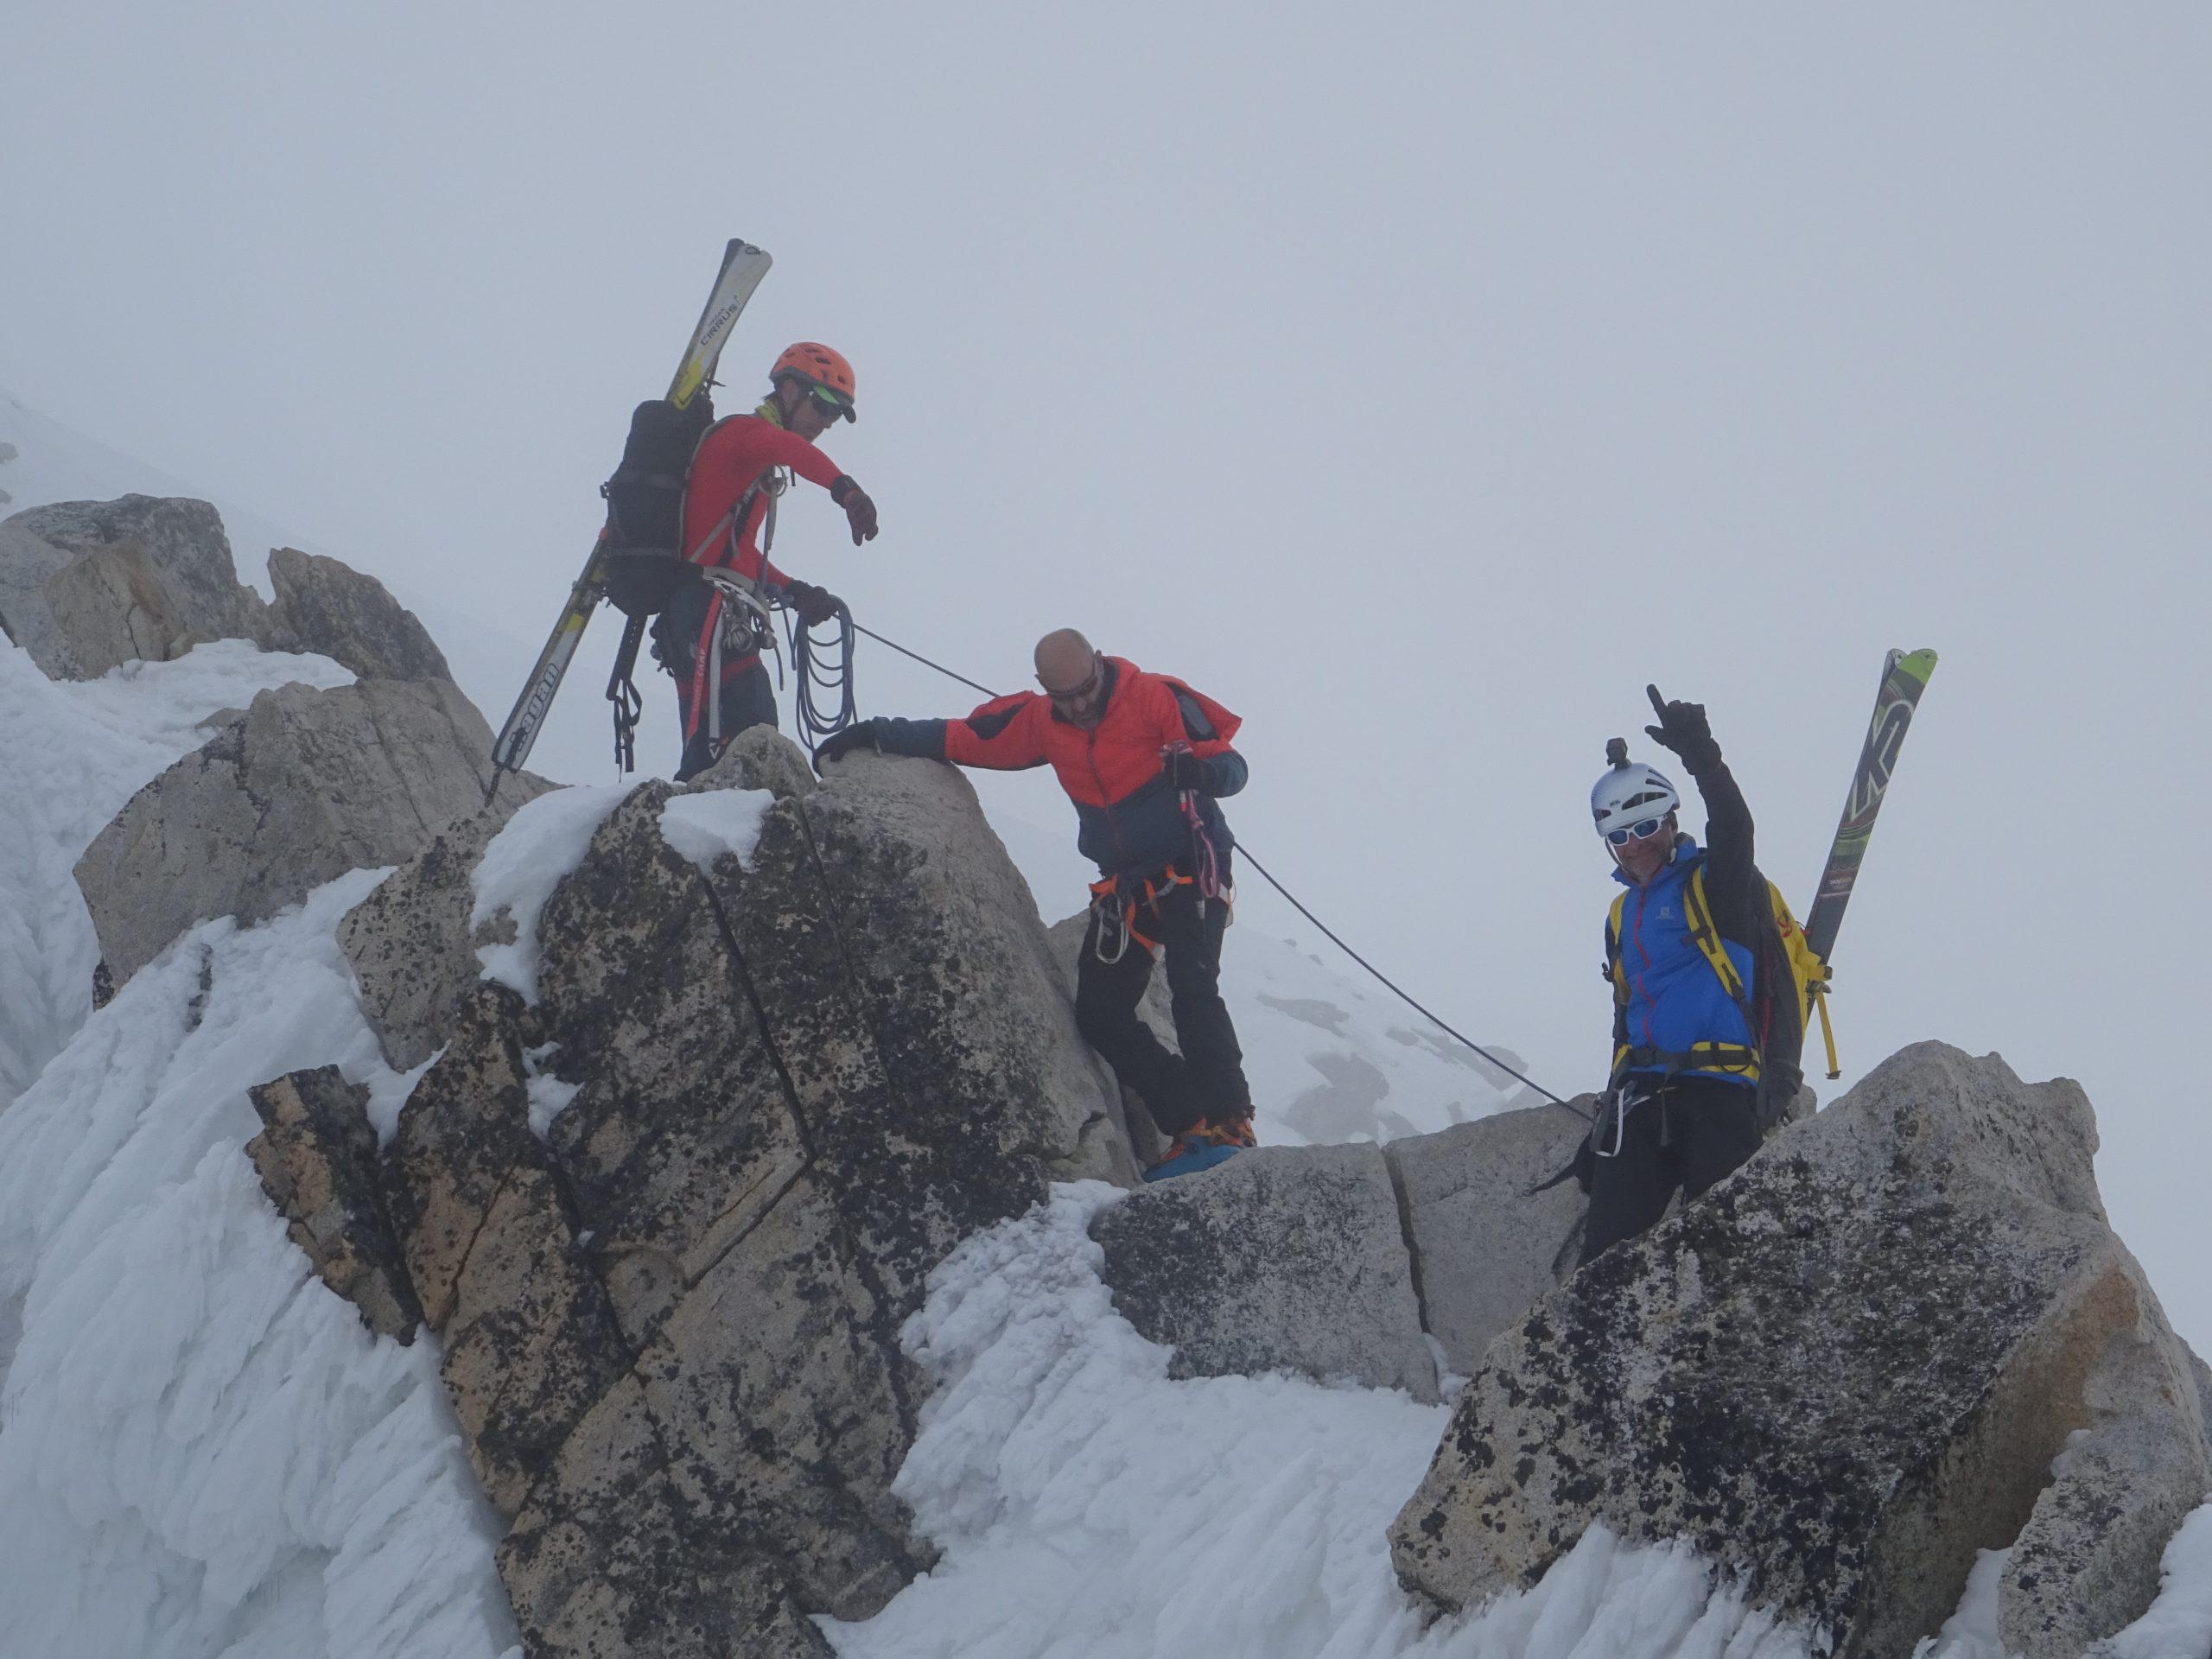 Curso de esquí de montaña/alpinismo. Nivel 3 (Esquí Alpinismo)-Pirineo Aragonés